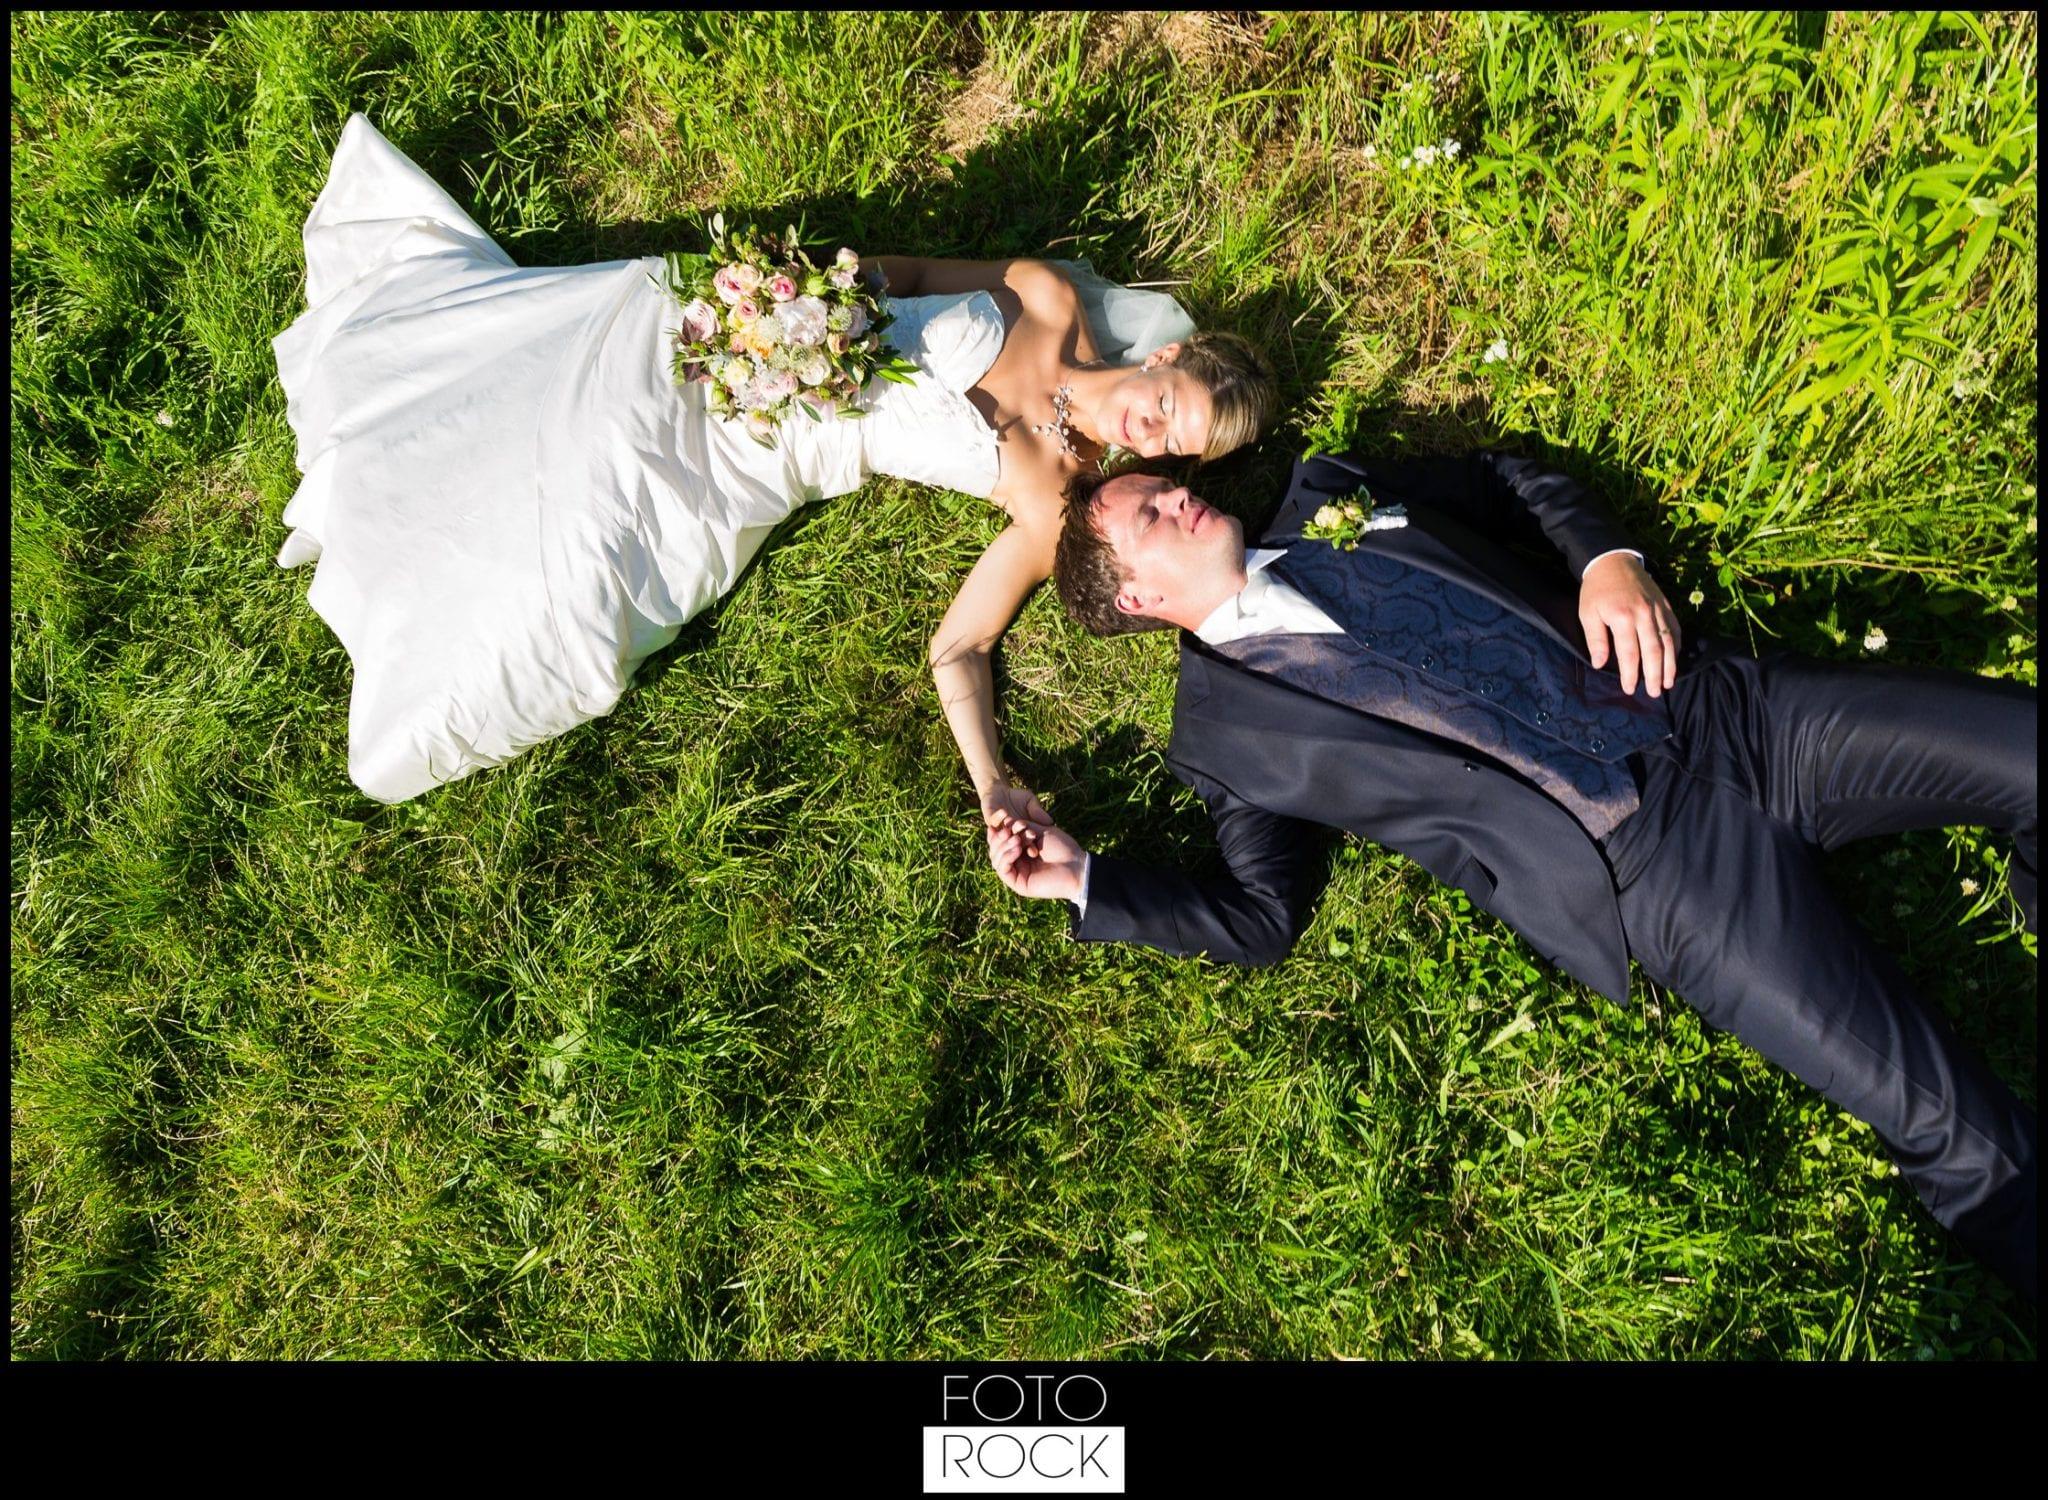 Hochzeit Lilienhof Ihringen Brautpaar Wiese